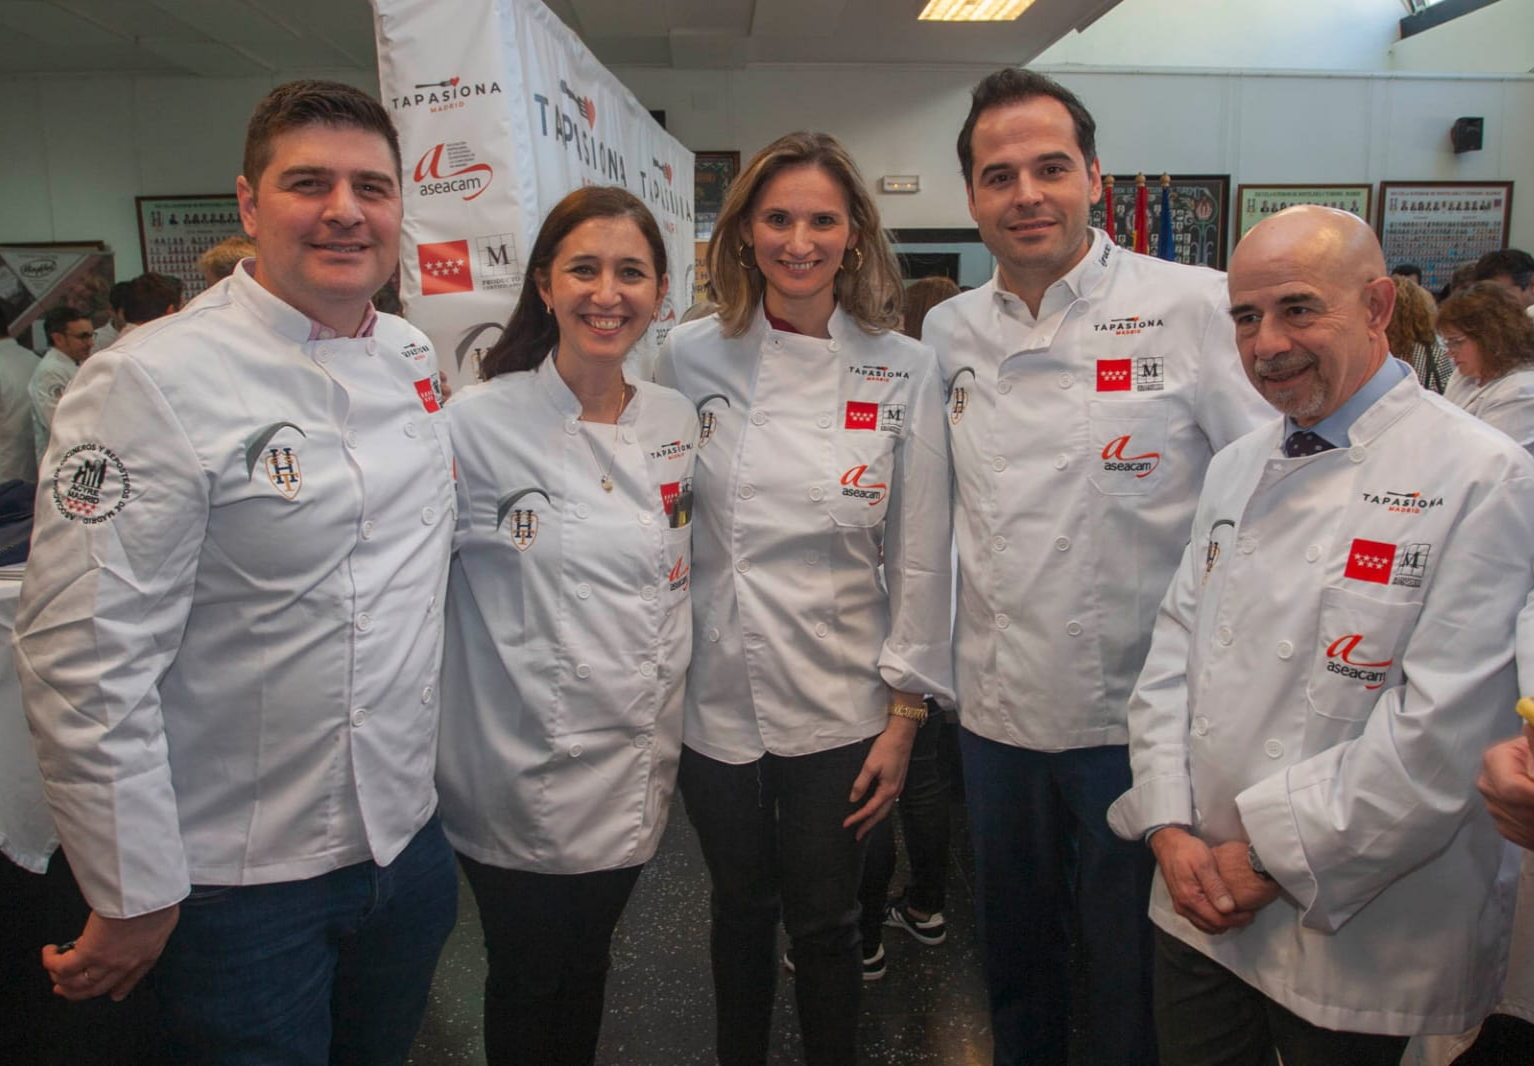 Salutem Lux participa en Tapasiona Madrid